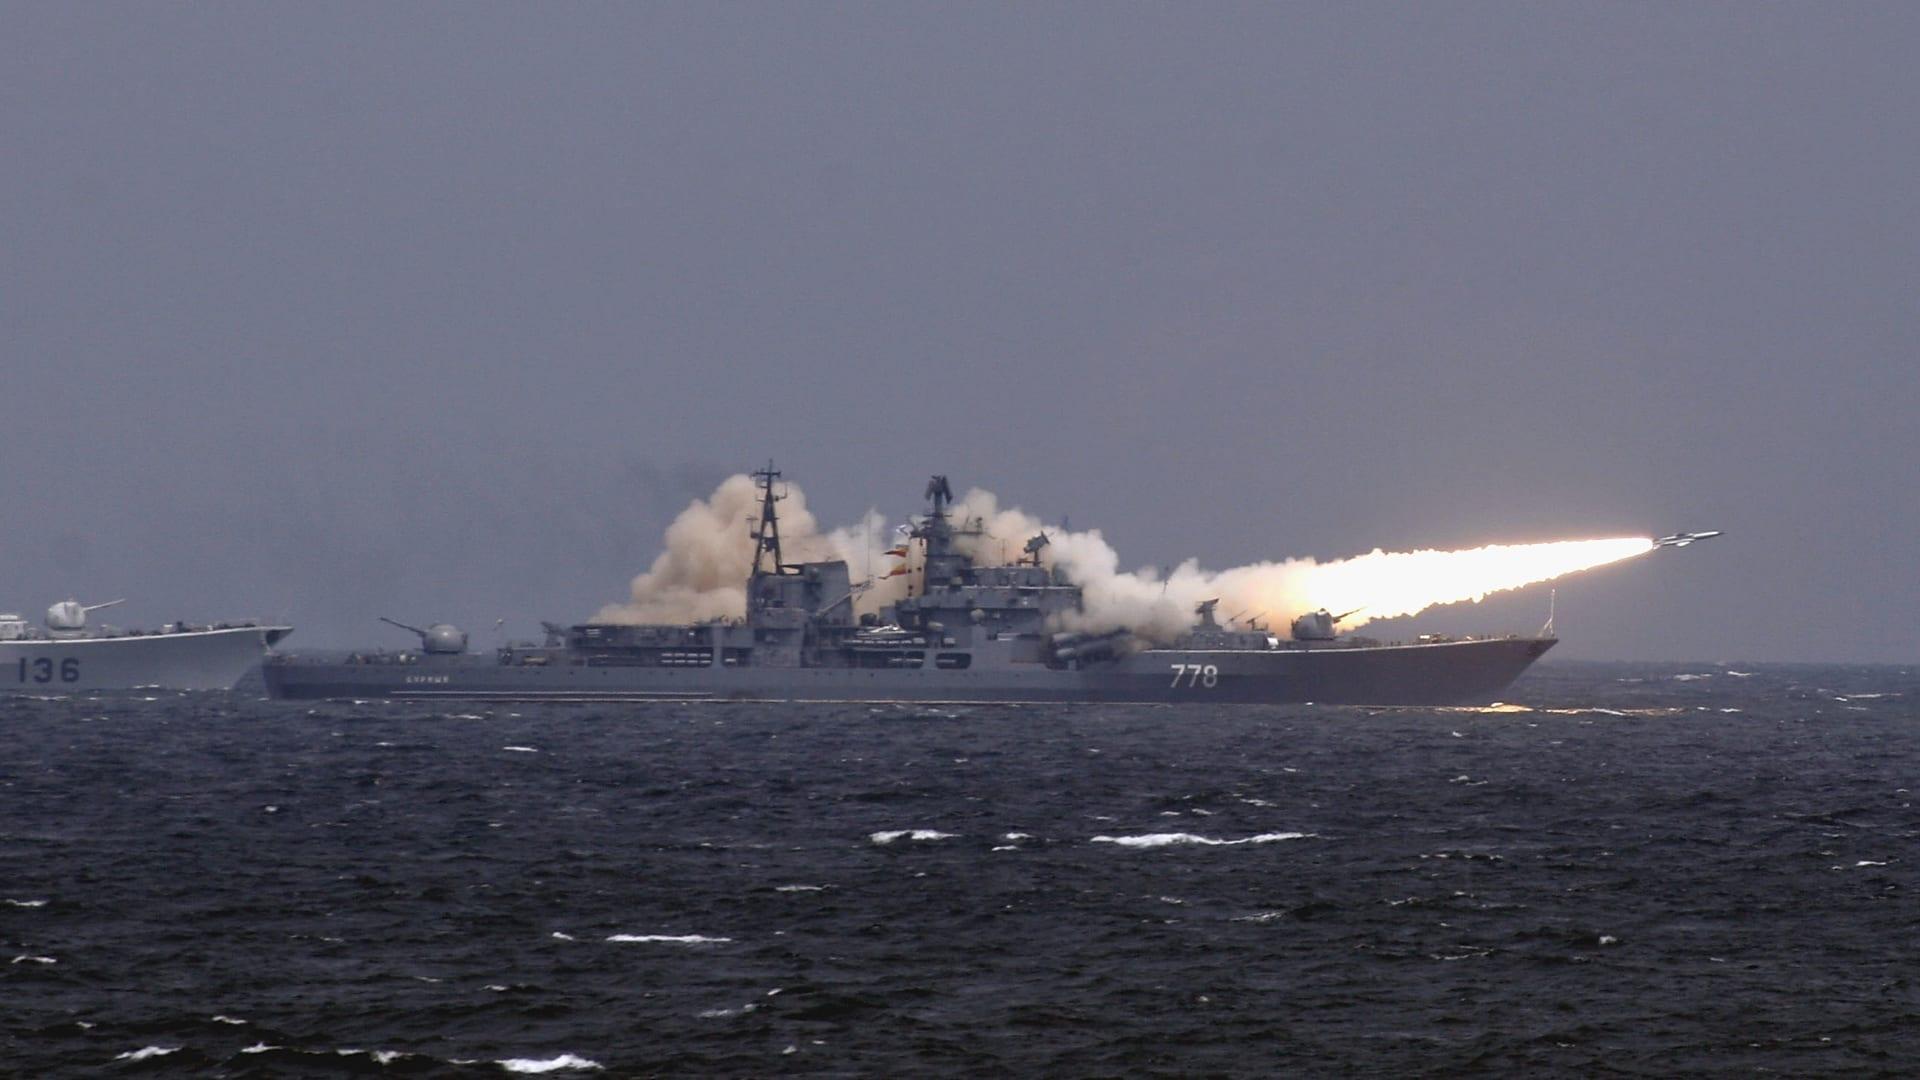 حلق لارتفاع 28 كيلومترًا.. روسيا تختبر صاروخًا أسرع من الصوت 8 مرات